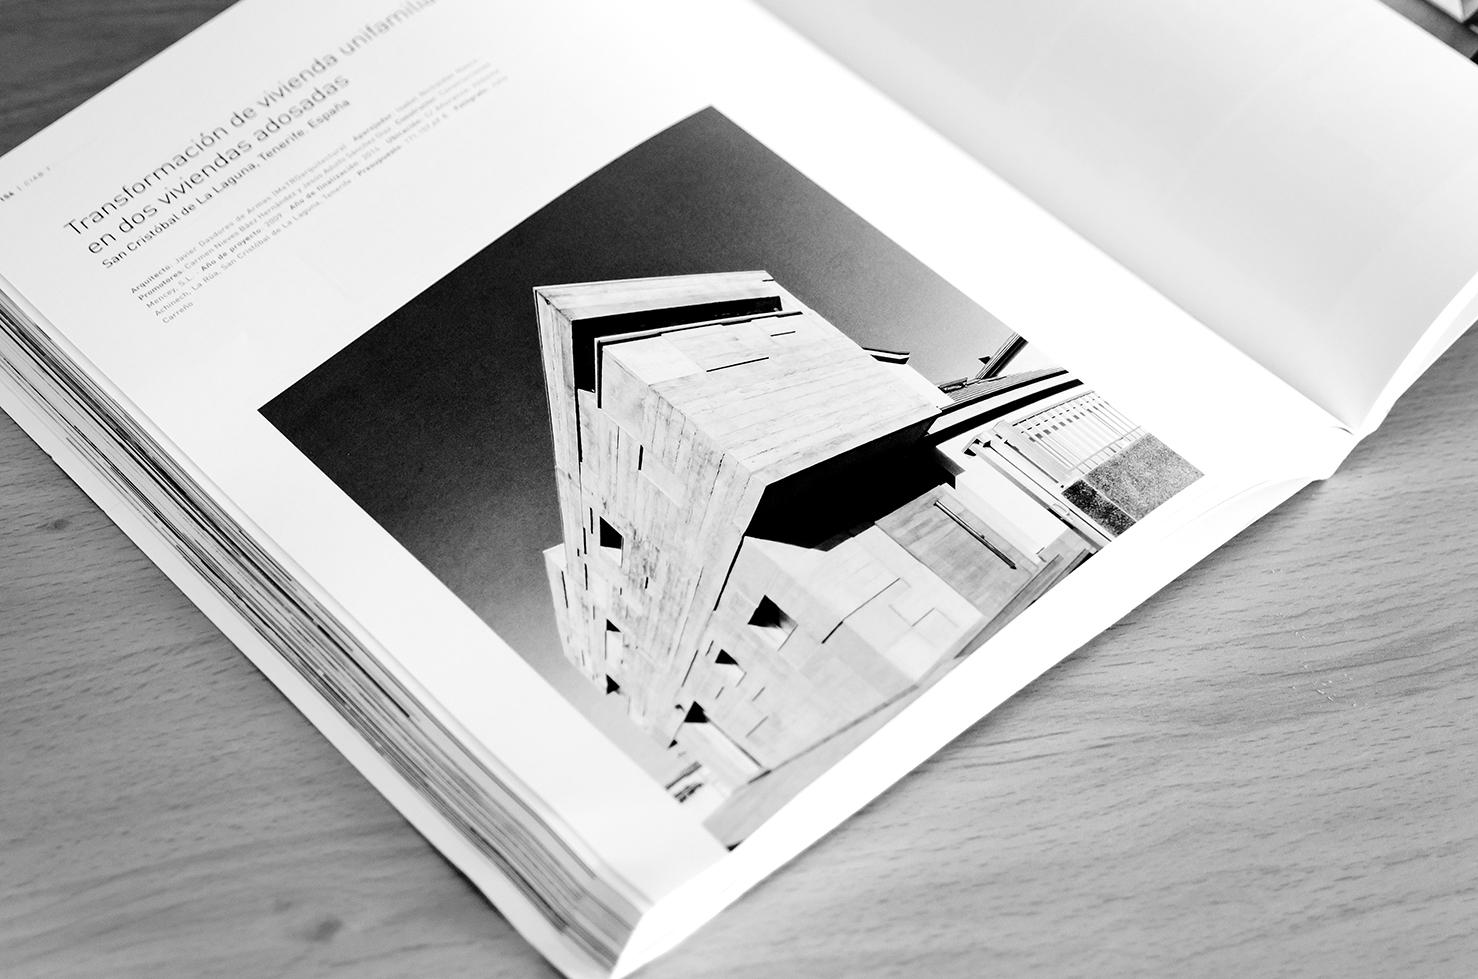 Catálogo (6) copia.jpg